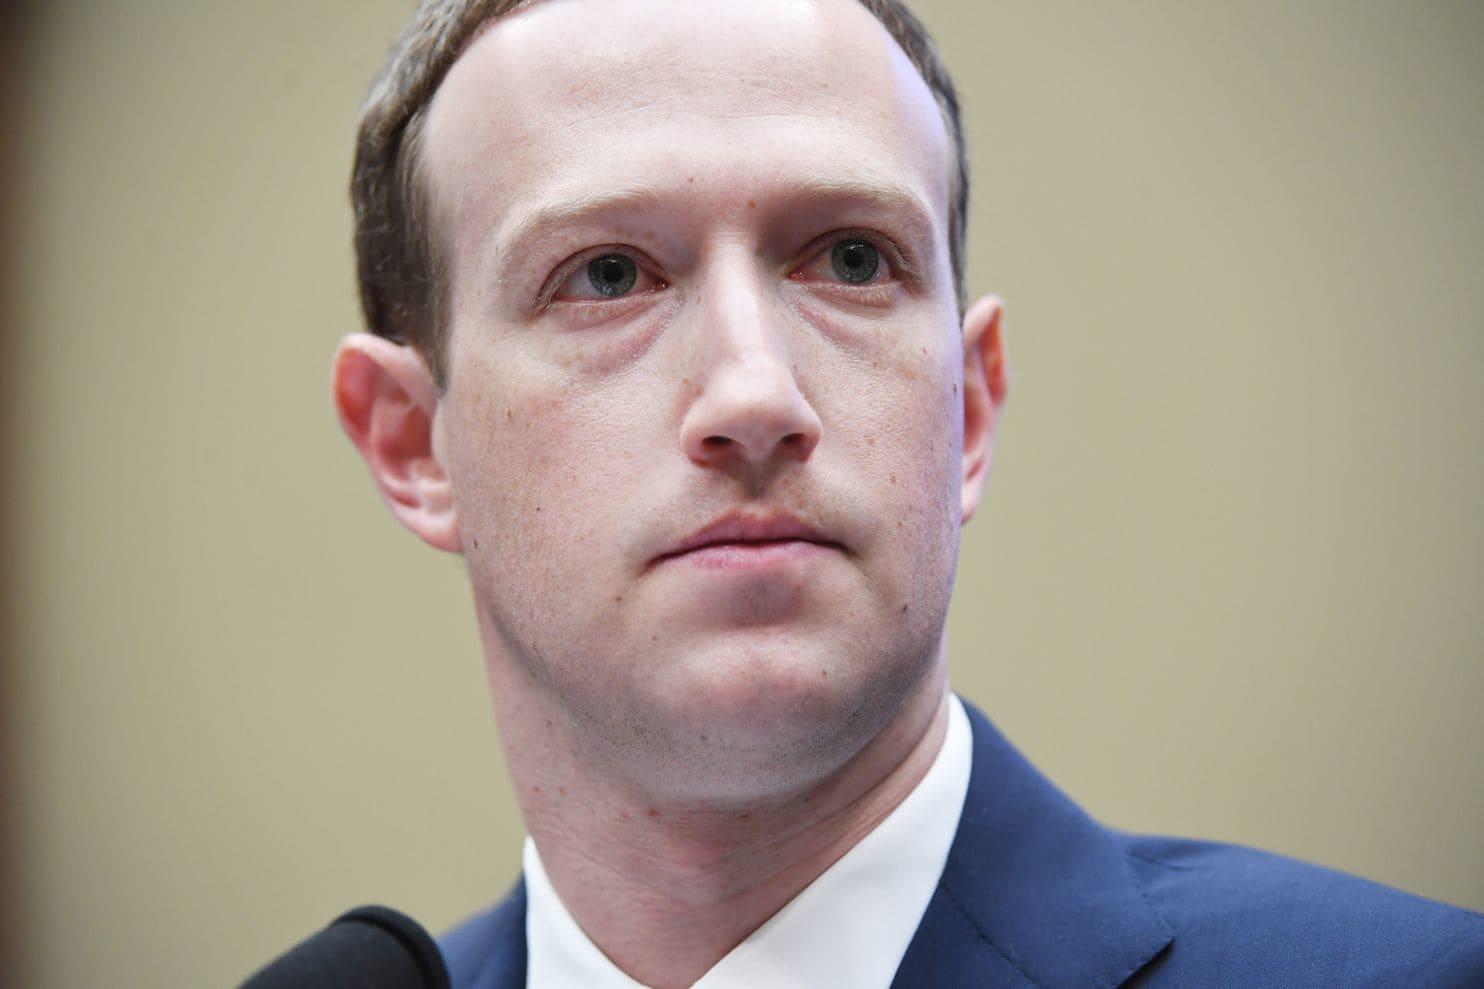 نشت مداوم اطلاعات کاربران فیسبوک، رمز ارز این شرک را زیر سوال می برد